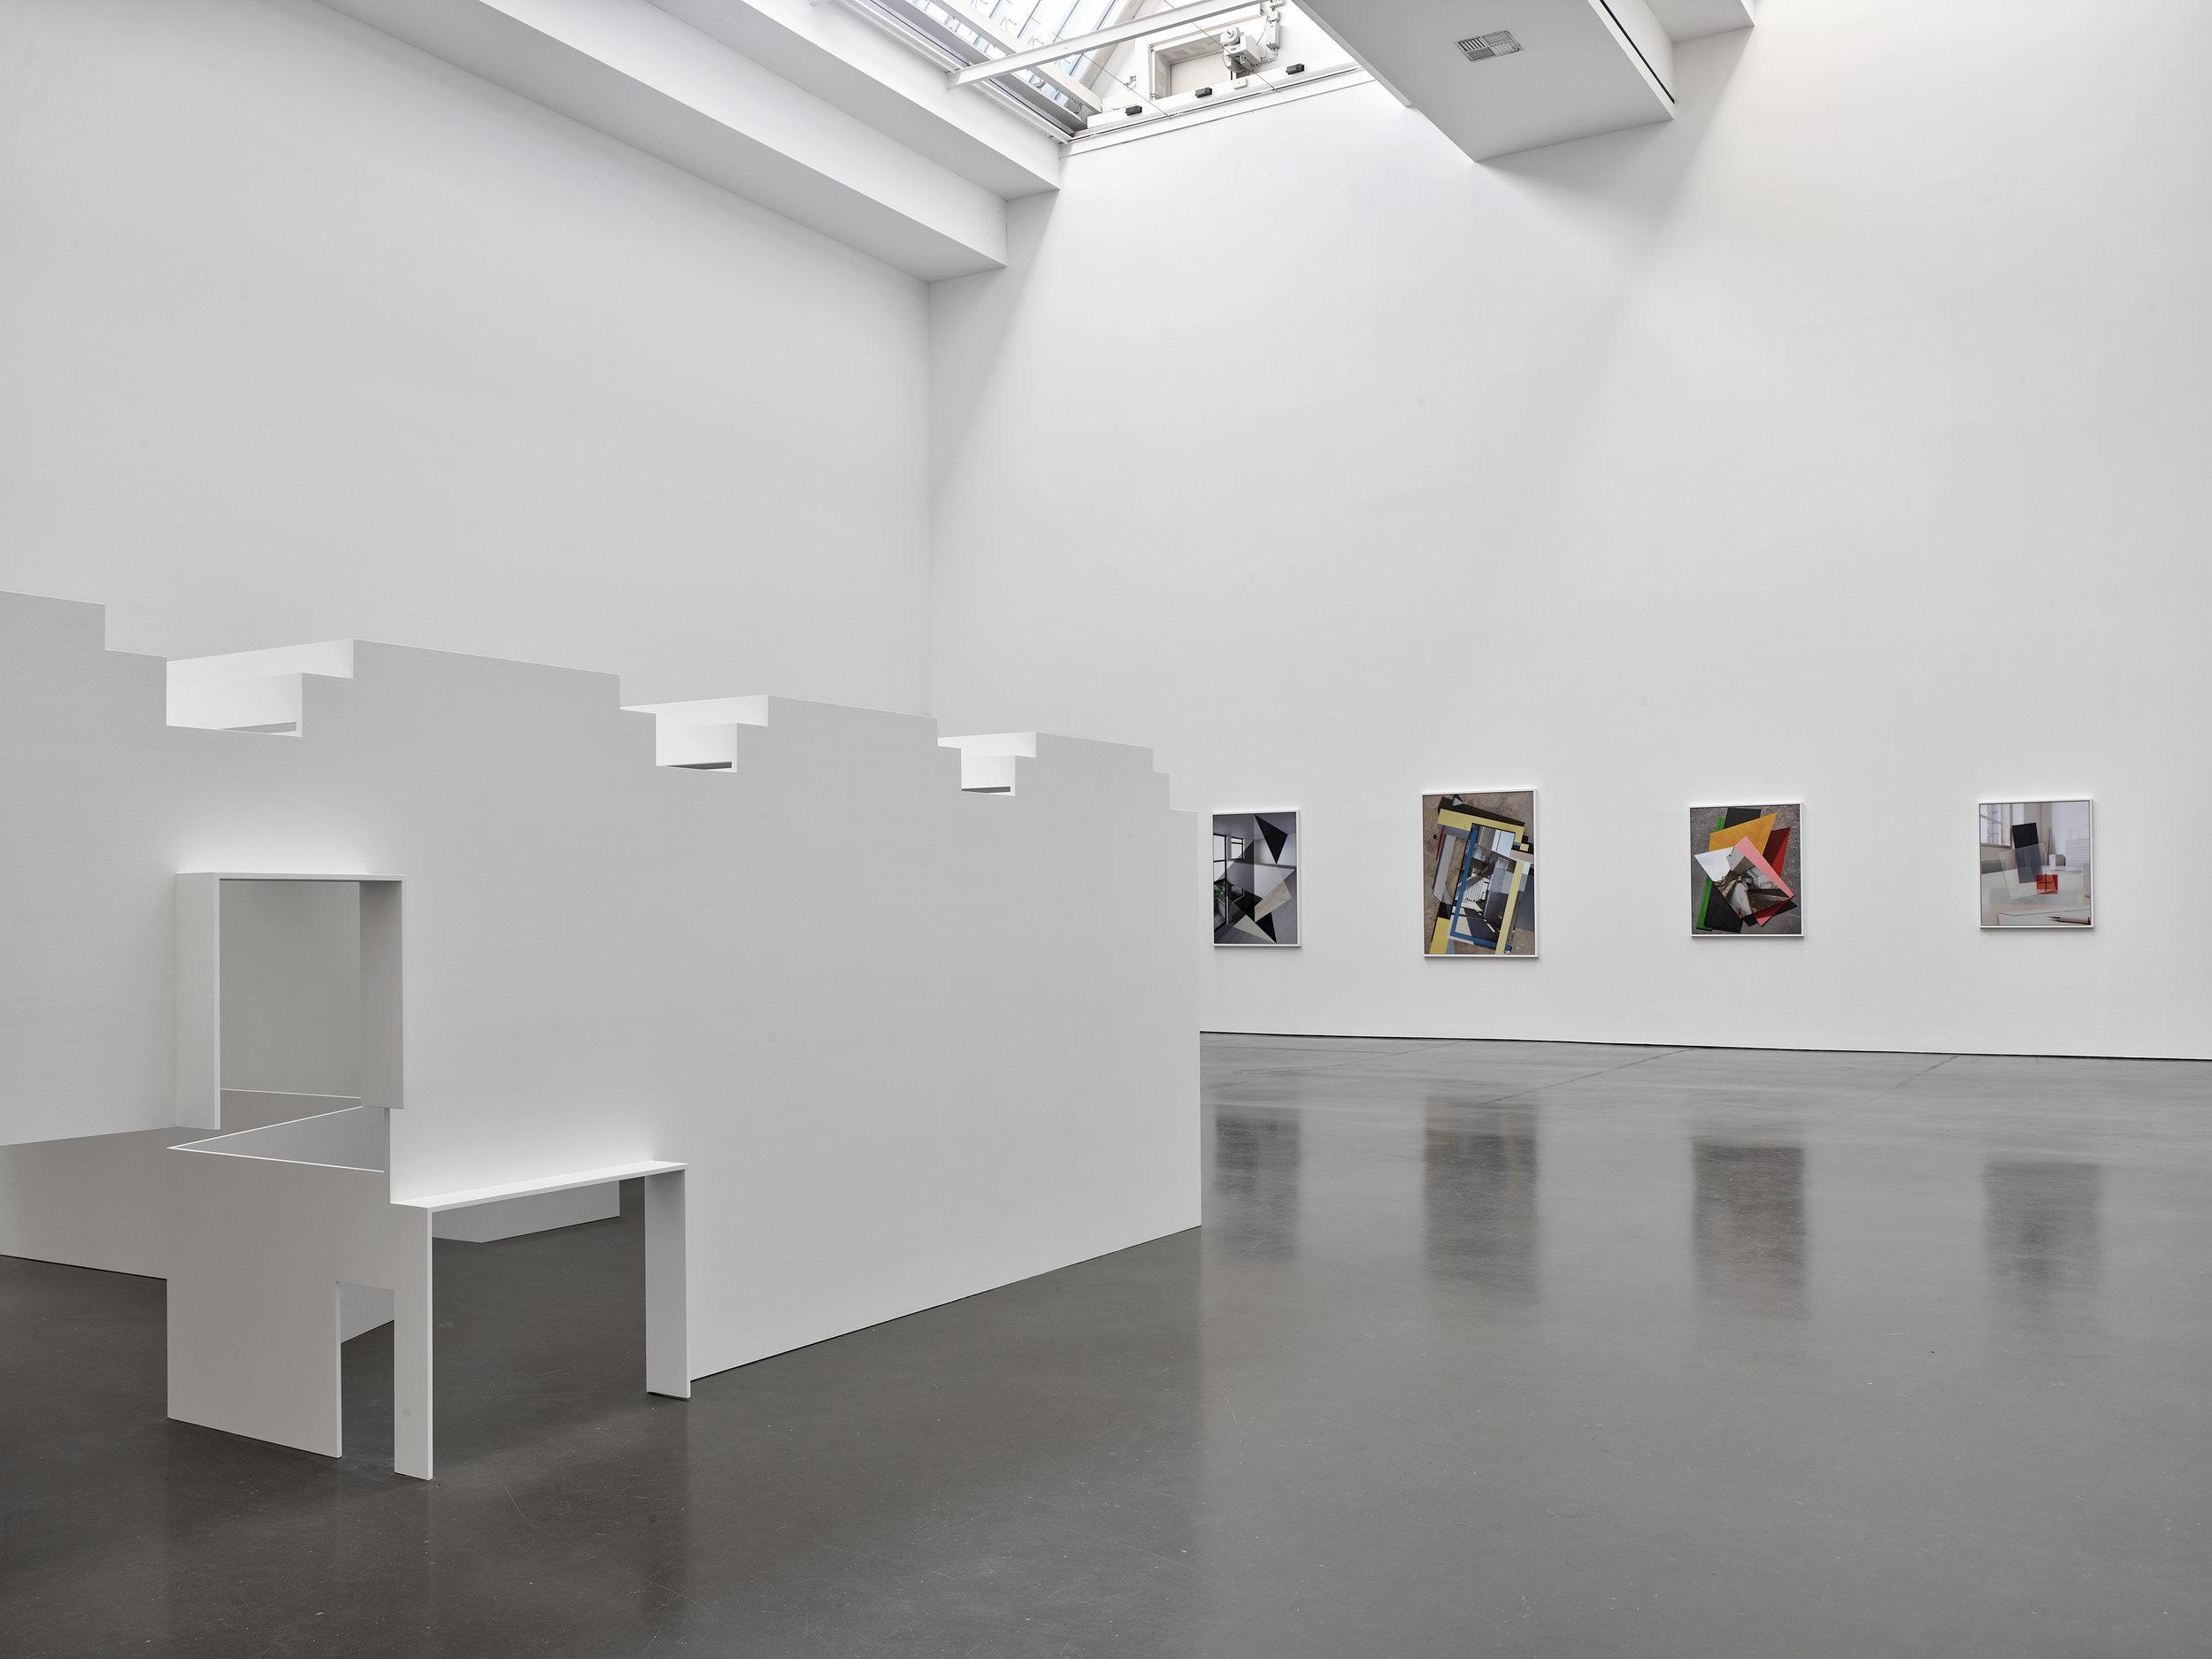 replica, 2019, Installationsansicht Kunsthalle Düsseldorf, Foto: Achim Kukulies